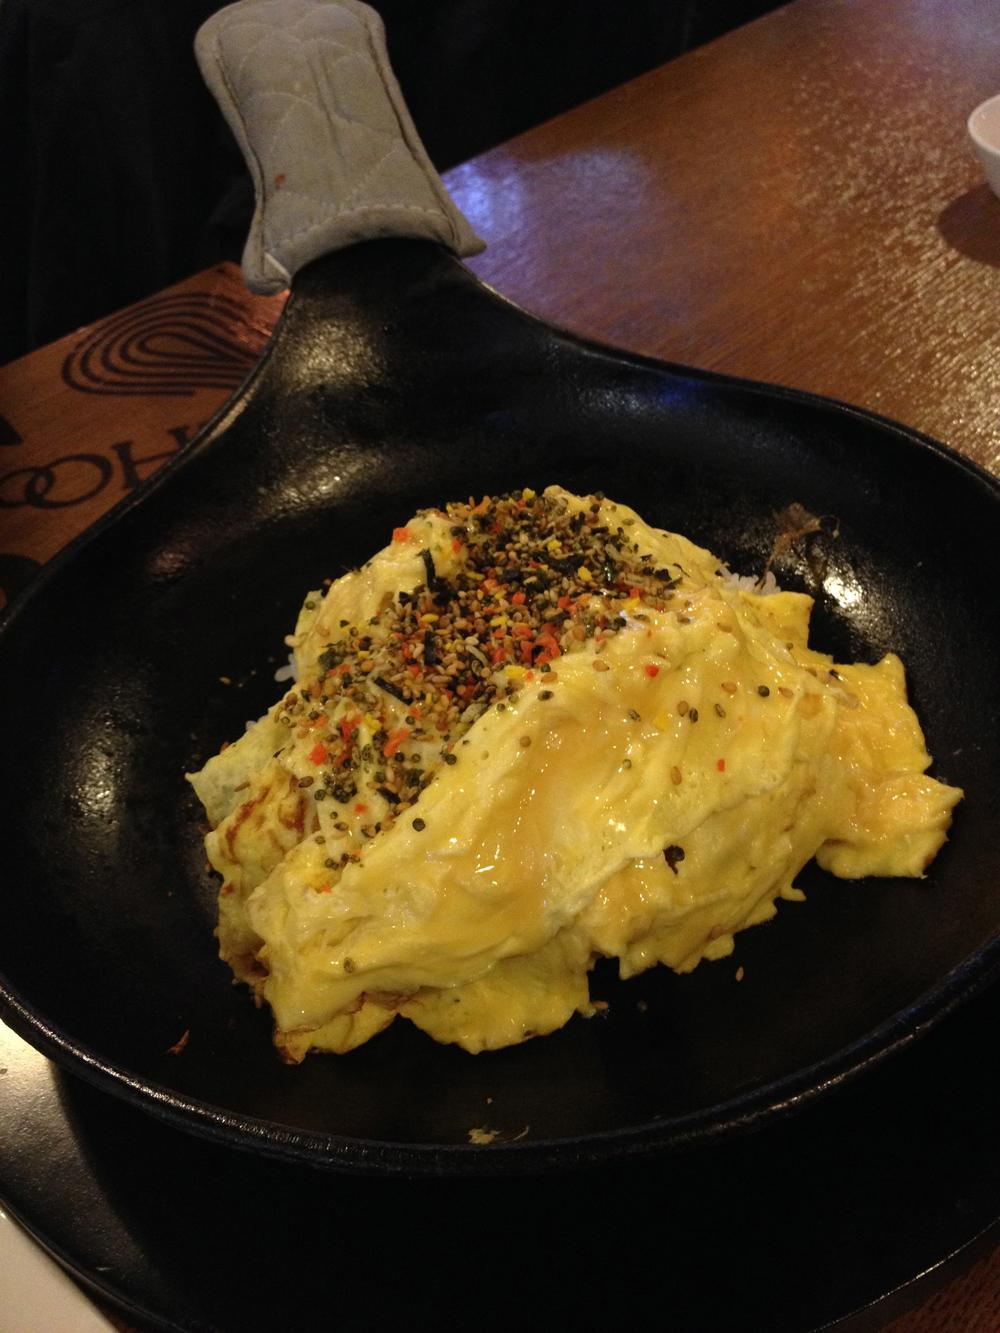 철판장조림버터비빔밥 I (ChulPan JangJoRim Butter Bibimbap) Beef and Butter Stirfried rice on a stone pan. Comes out like this...